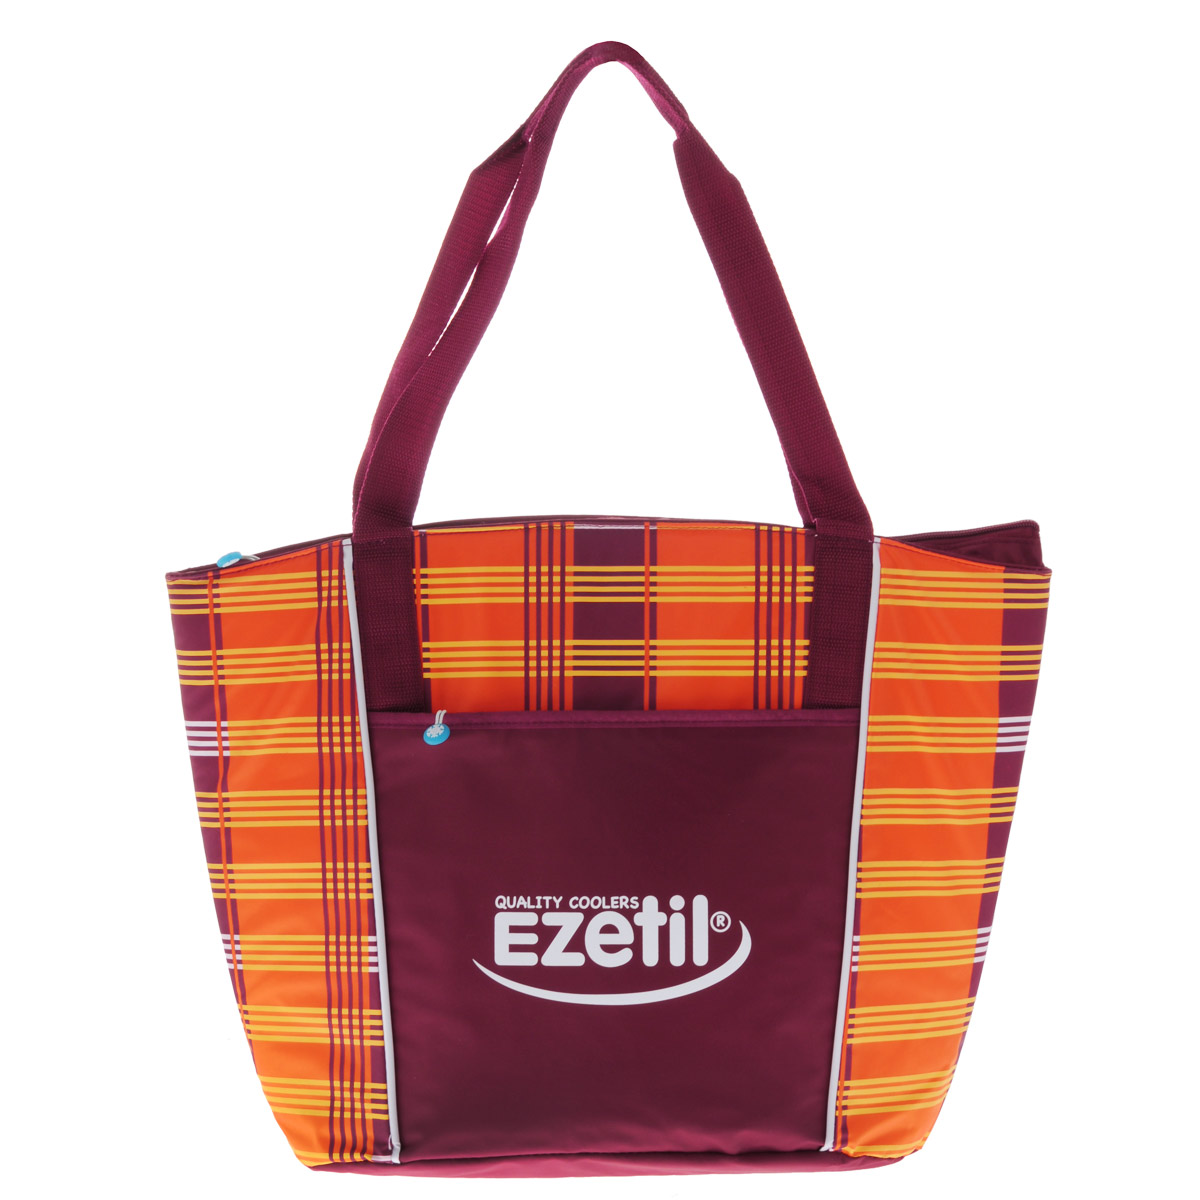 Сумка-холодильник Ezetil KC Lifestyle, цвет: оранжевый, бордовый, 25 л802900Удобная сумка-холодильник Ezetil KC Lifestyle выполнена в элегантном дизайне. Она изготовлена из износостойких материалов, устойчивых к воде, безопасных в контакте с пищей и простых в уходе. Очень прочная нейлоновая внешняя ткань. Внутренняя поверхность сделана по бесшовной технологии и не протекает. Легко чистится. Сумка состоит из одного изотермического отделения, закрывающегося на застежку-молнию. На внешней стороне имеет дополнительный вшитый карман на молнии. Внутри есть дно, чтобы сумка не теряла форму. Сумка Ezetil KC Lifestyle сохраняет температуру до 14 часов (при использовании аккумулятора холода - продается отдельно).Объем сумки: 25 л. Изоляция: 10 мм.